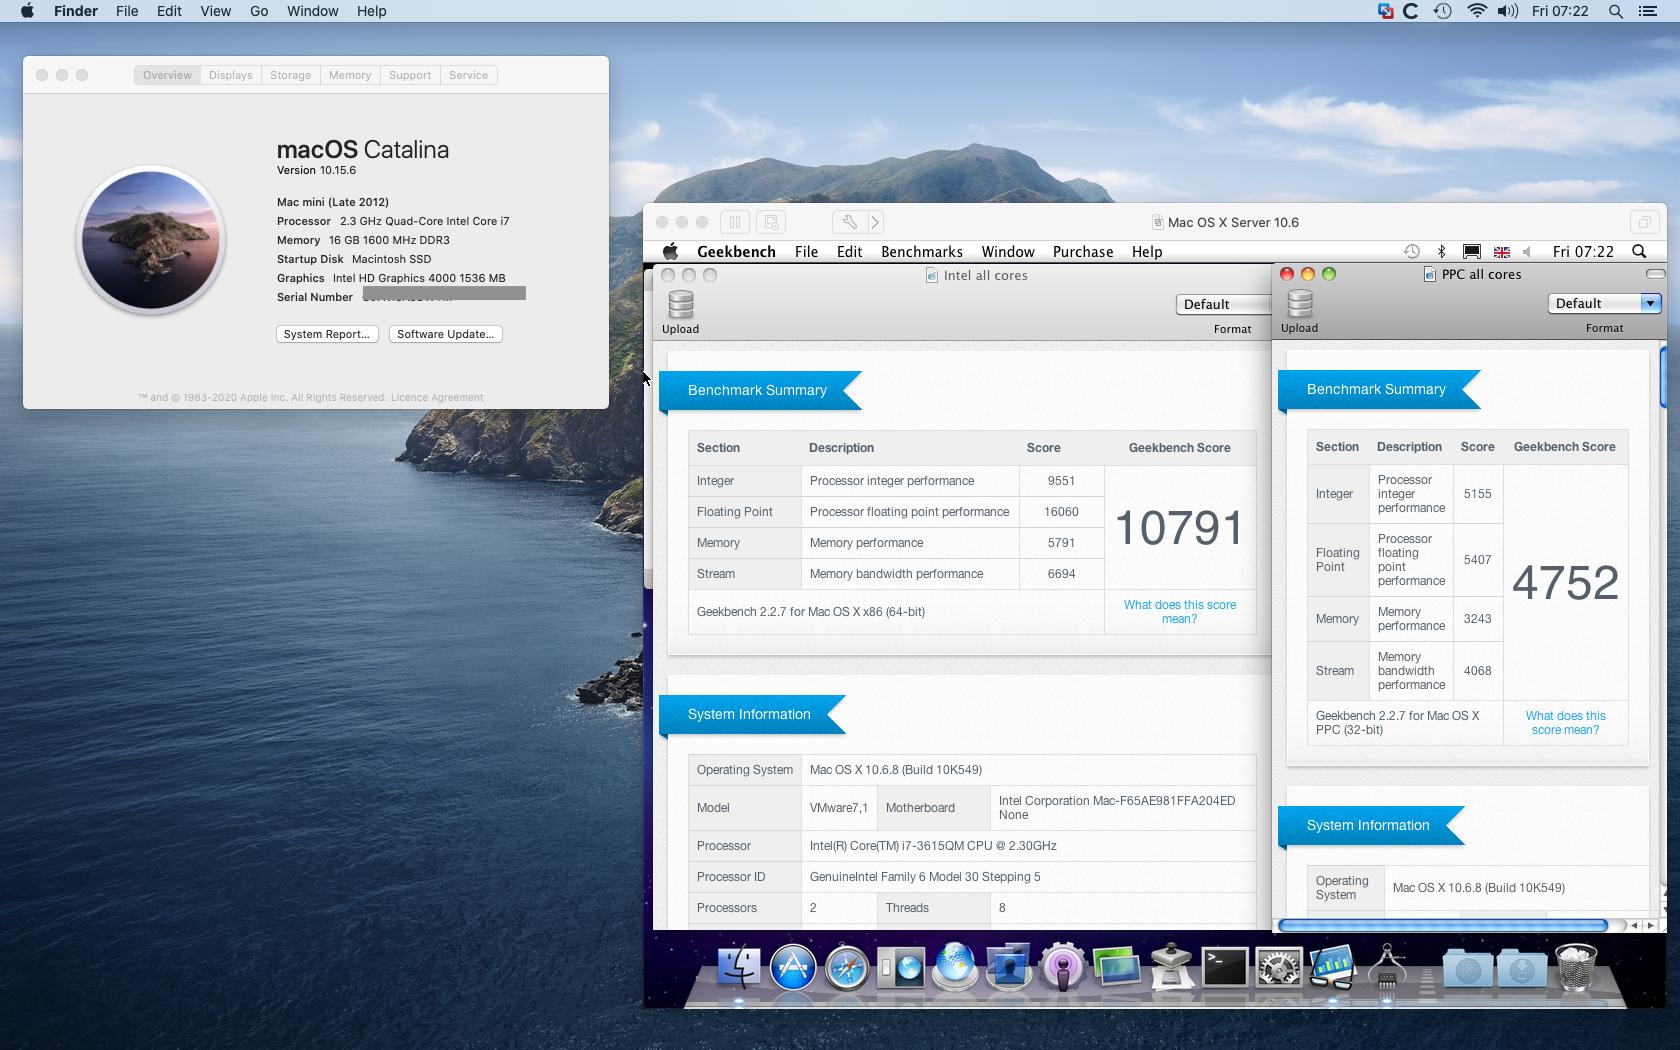 Screenshot 2020-09-18 at 07.22.02 (2).png